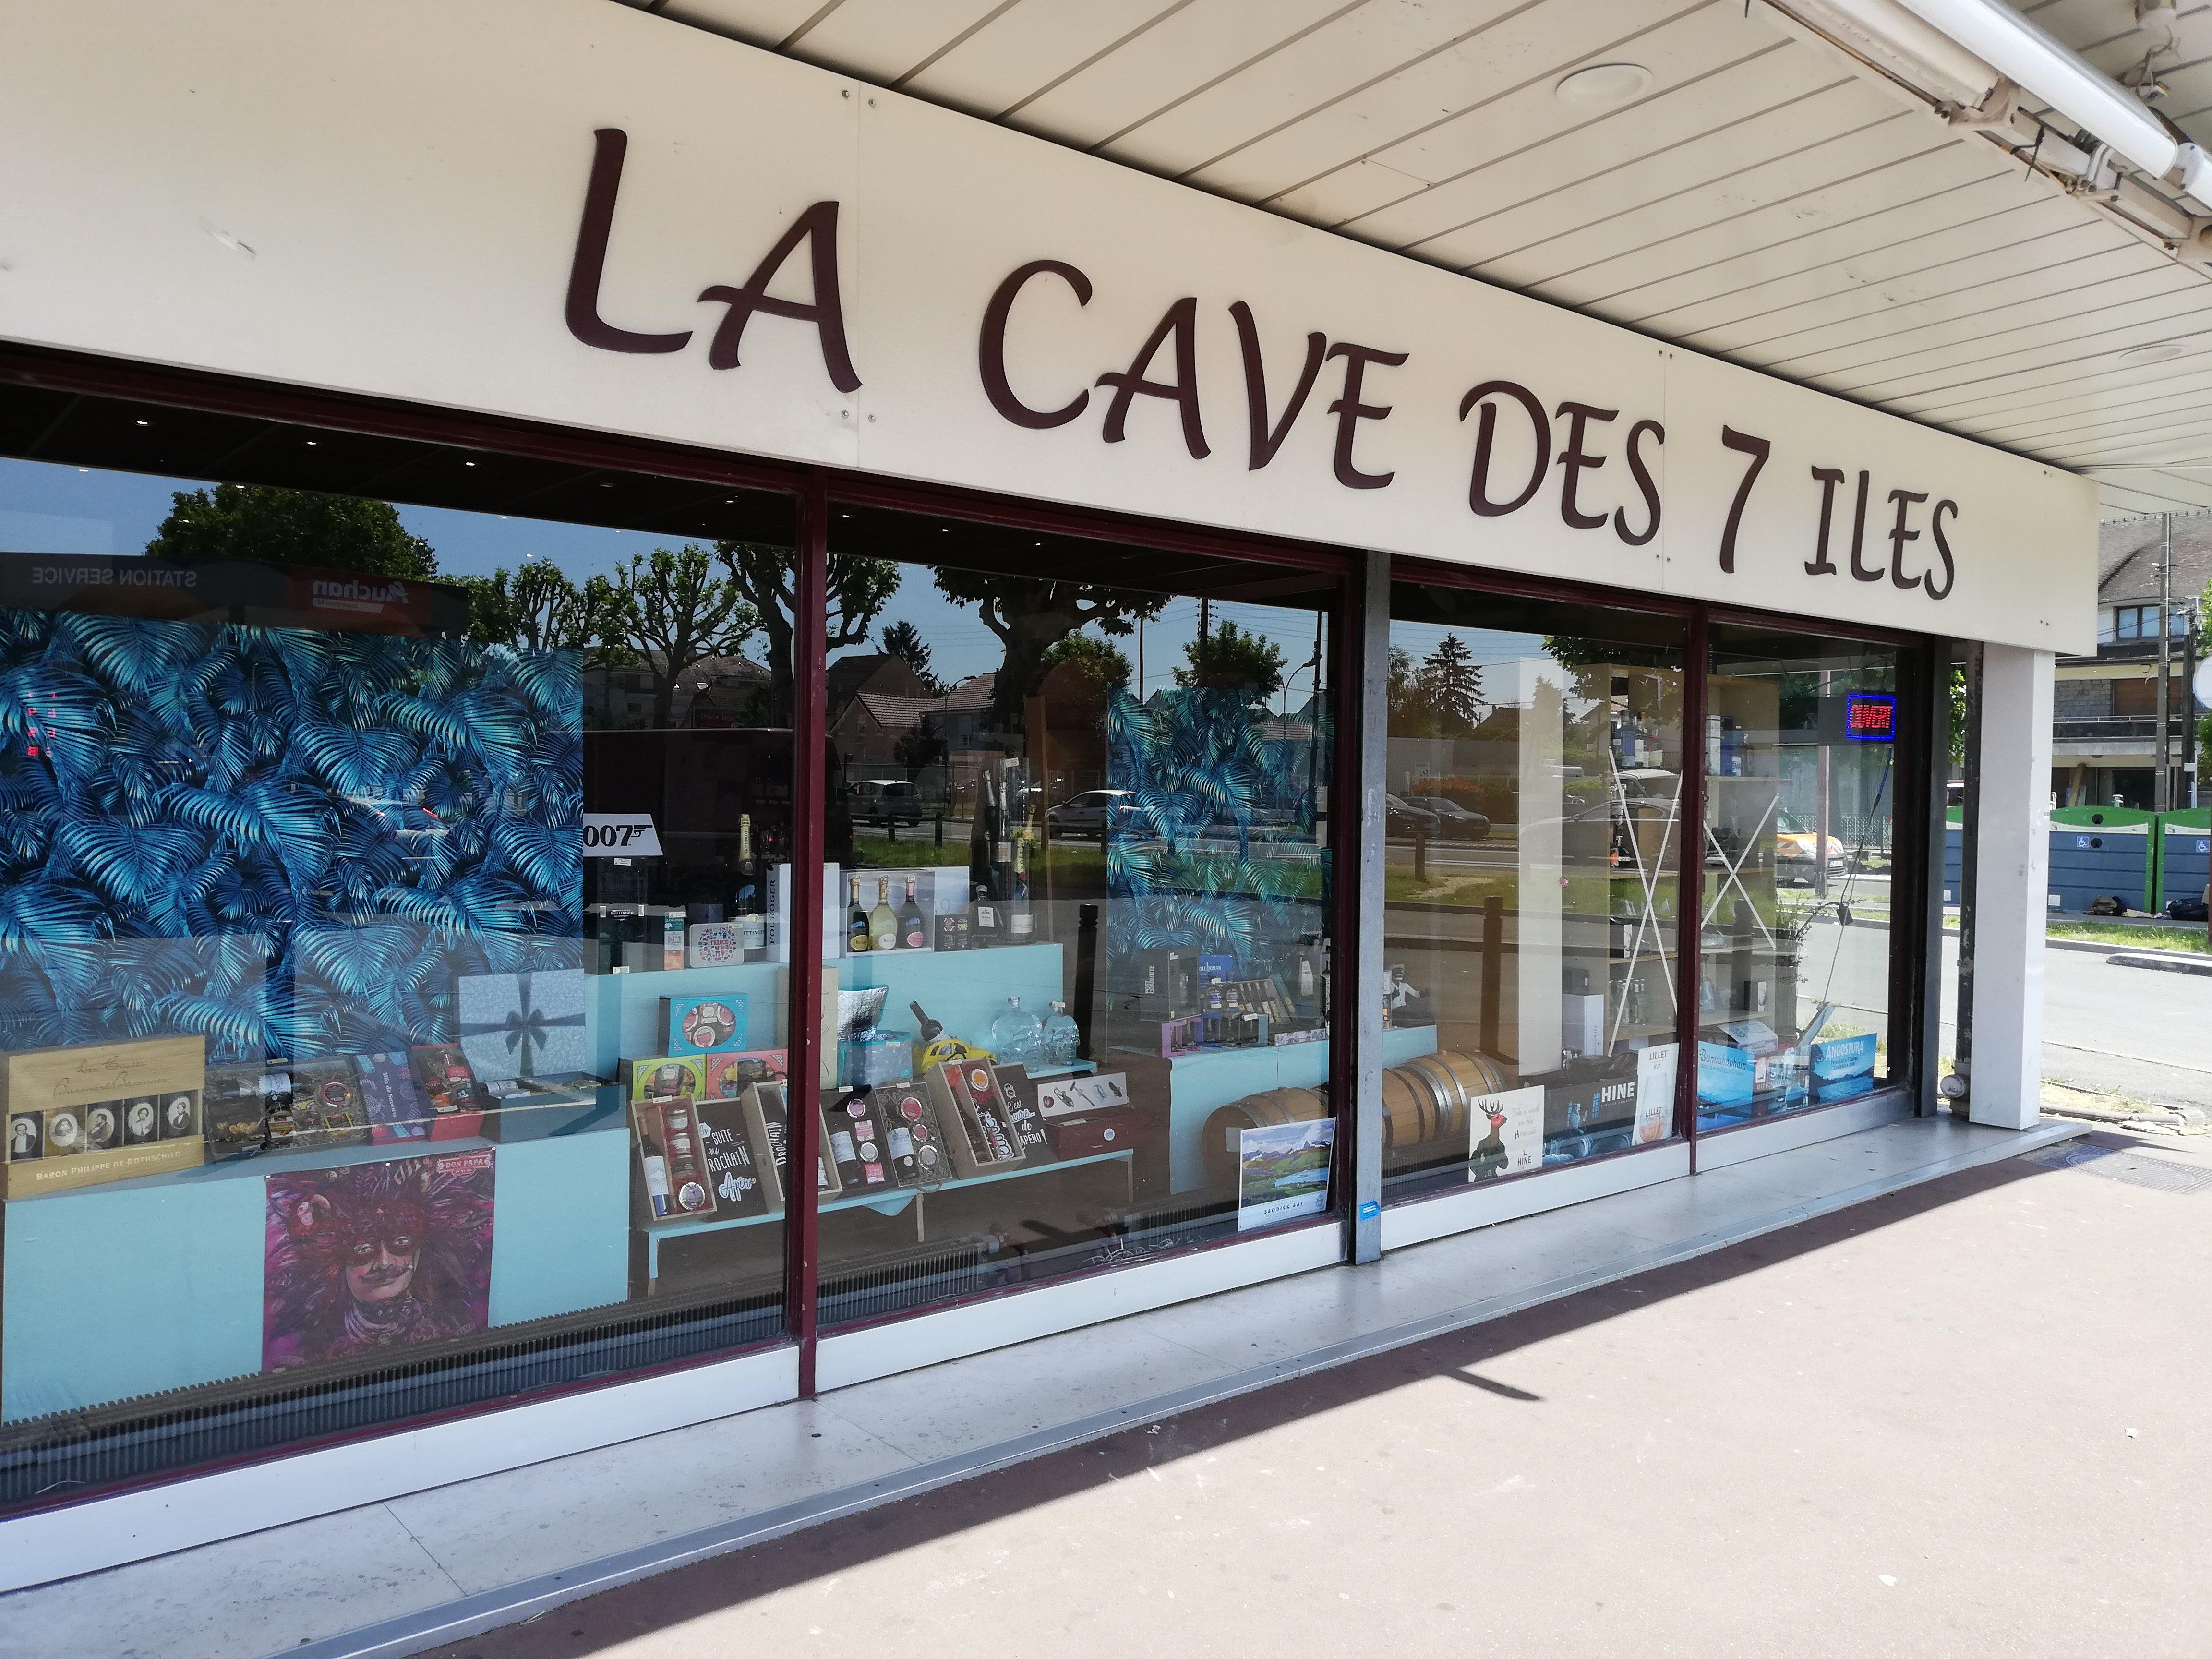 La Cave des 7 îles